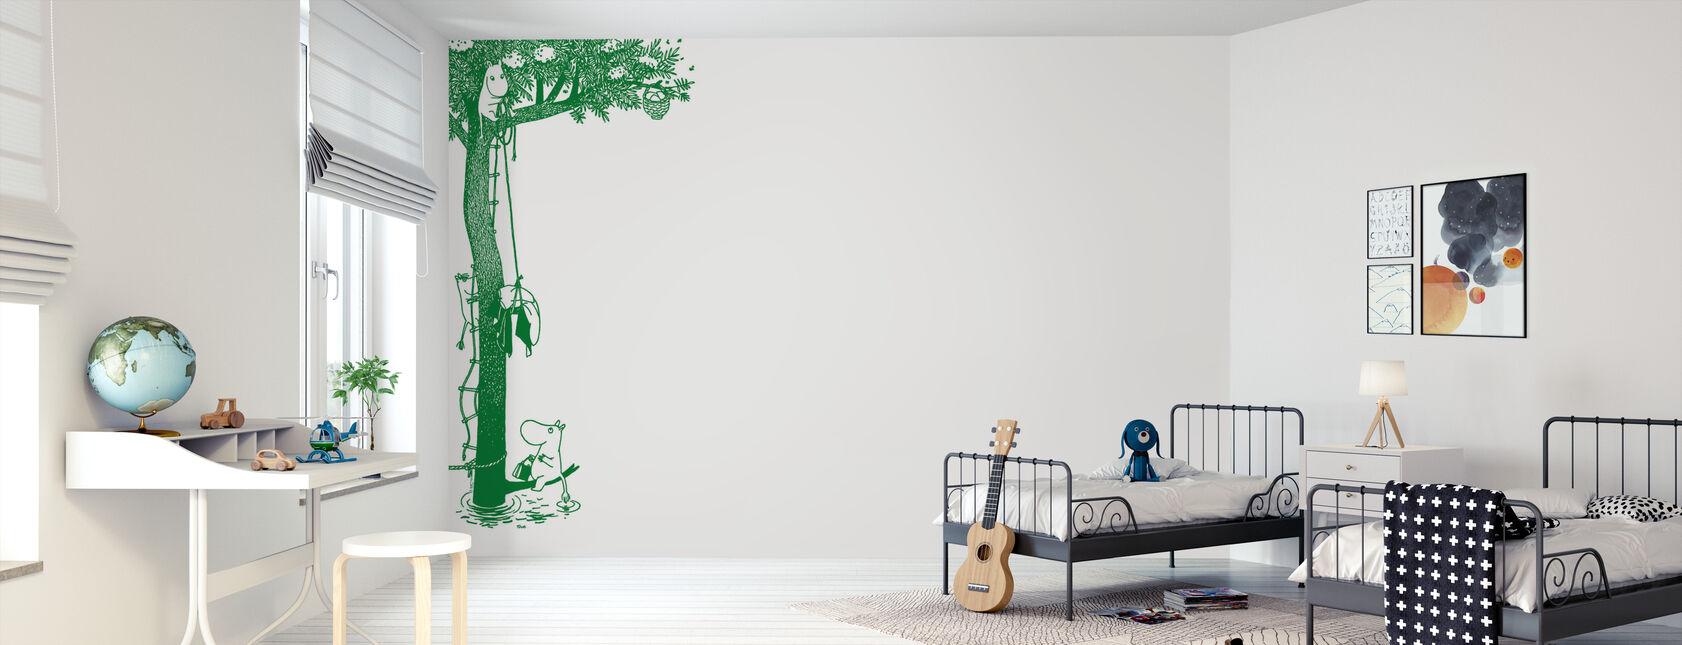 Mumin - Træ - Tapet - Børneværelse